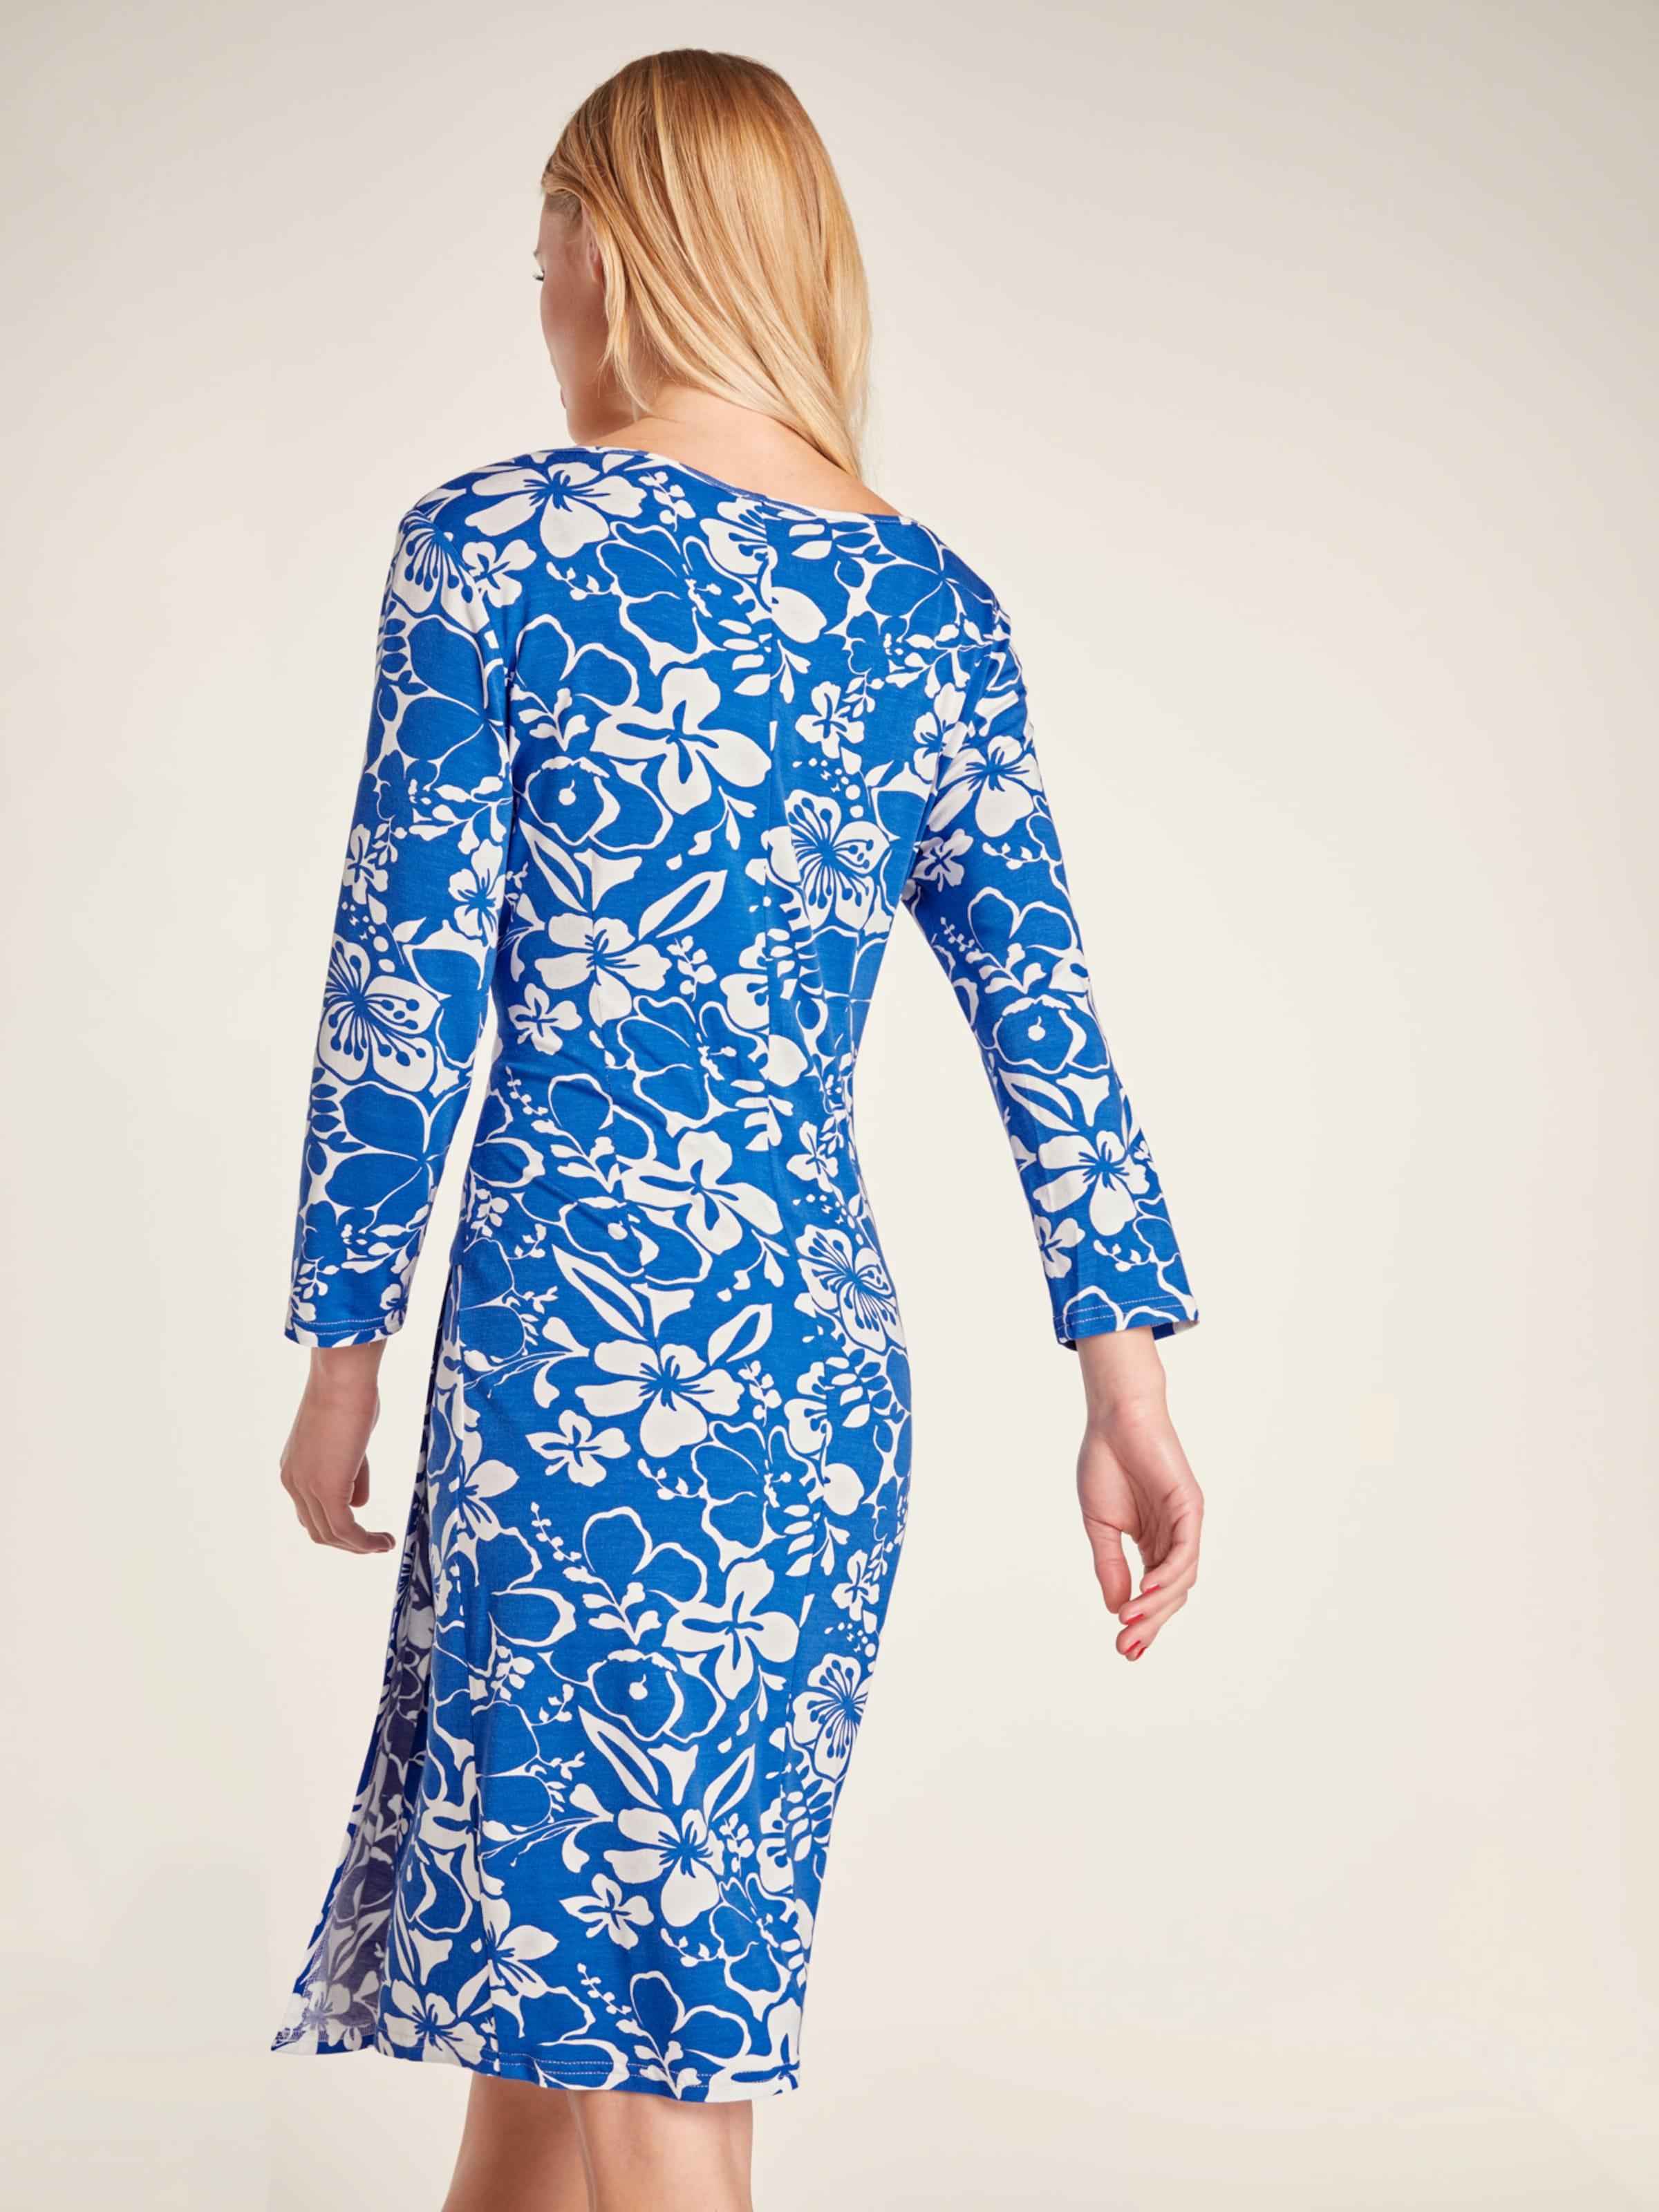 In In Kleid Kleid Heine Heine In Heine Kleid BlauWeiß BlauWeiß q35R4AjL